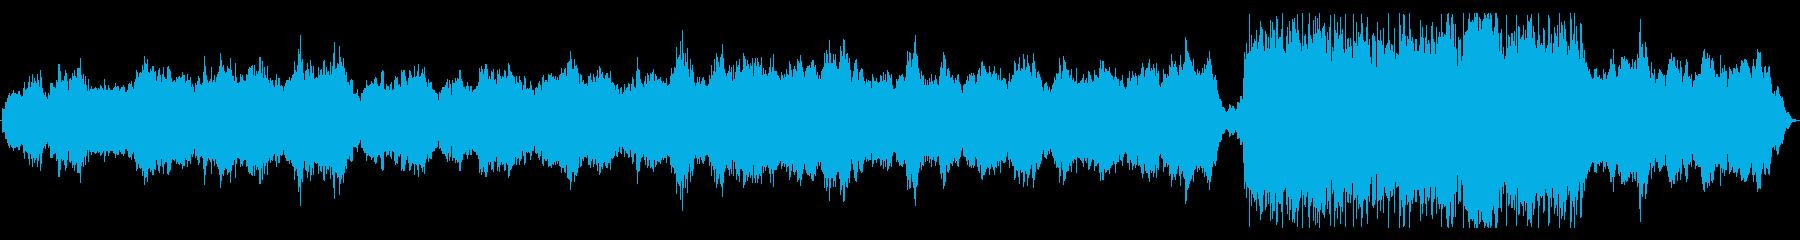 伸びやかなブラスソロの明るいアンビエントの再生済みの波形